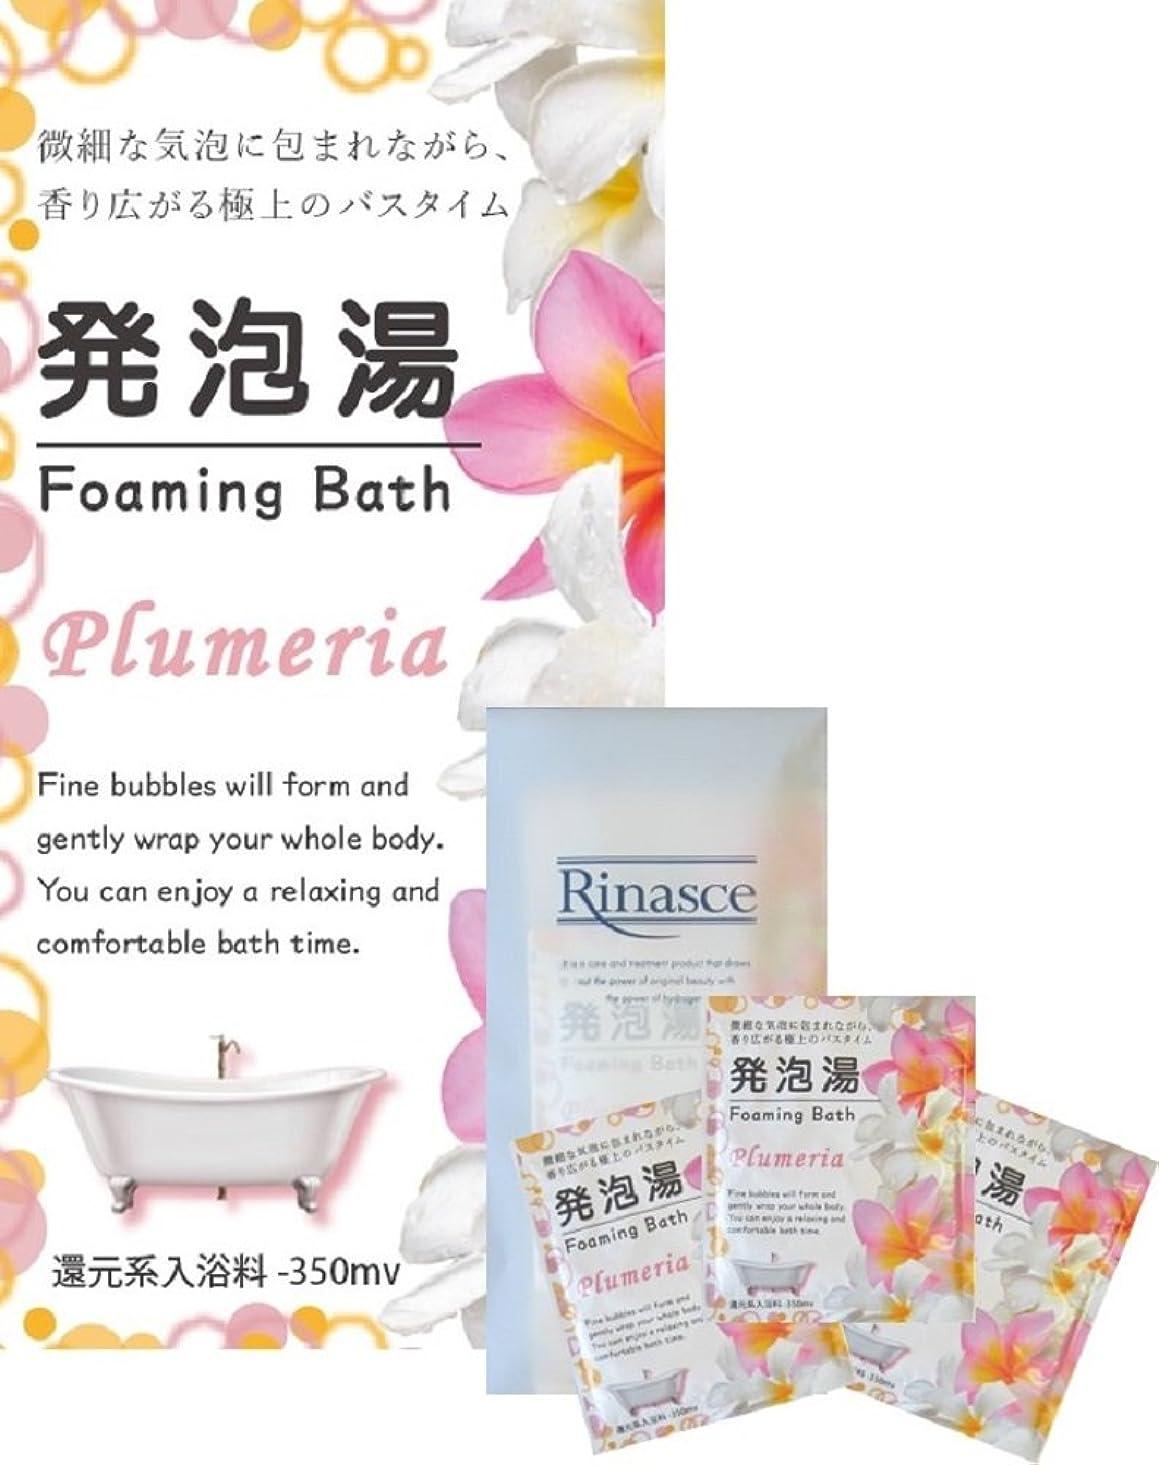 スライス軽蔑するまとめる【ゆうメール対象】発泡湯(はっぽうとう) Foaming Bath Plumeria プルメリア 40g 3包セット/微細な気泡に包まれながら香り広がる極上のバスタイム